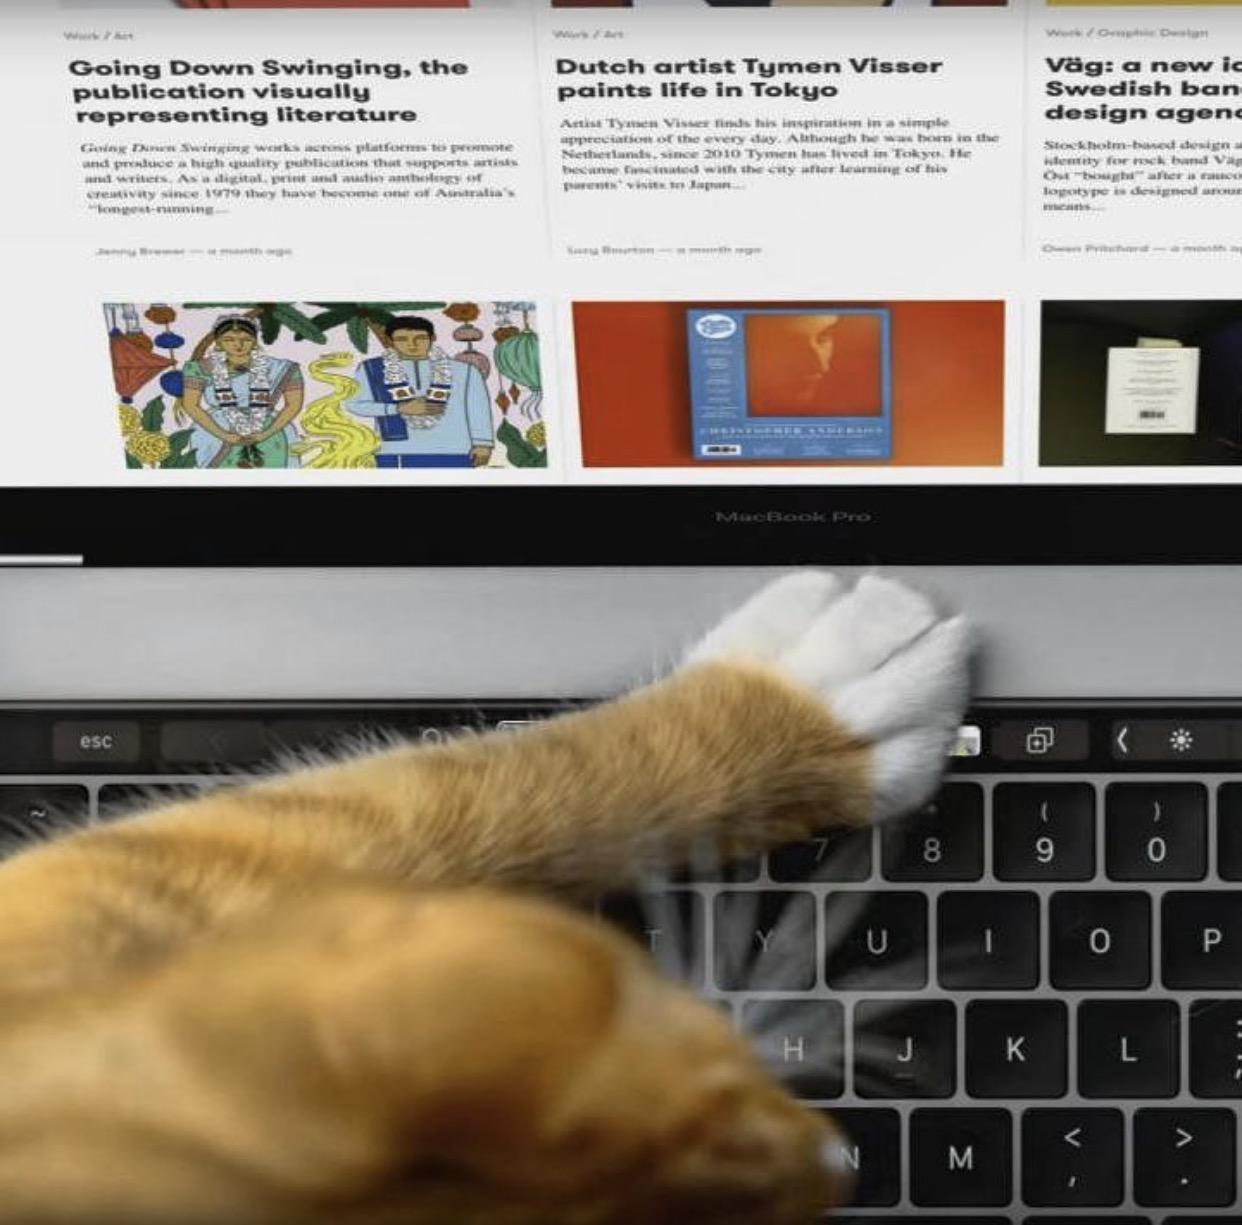 苹果发布全新一代MacBook Pro:传言竟成真